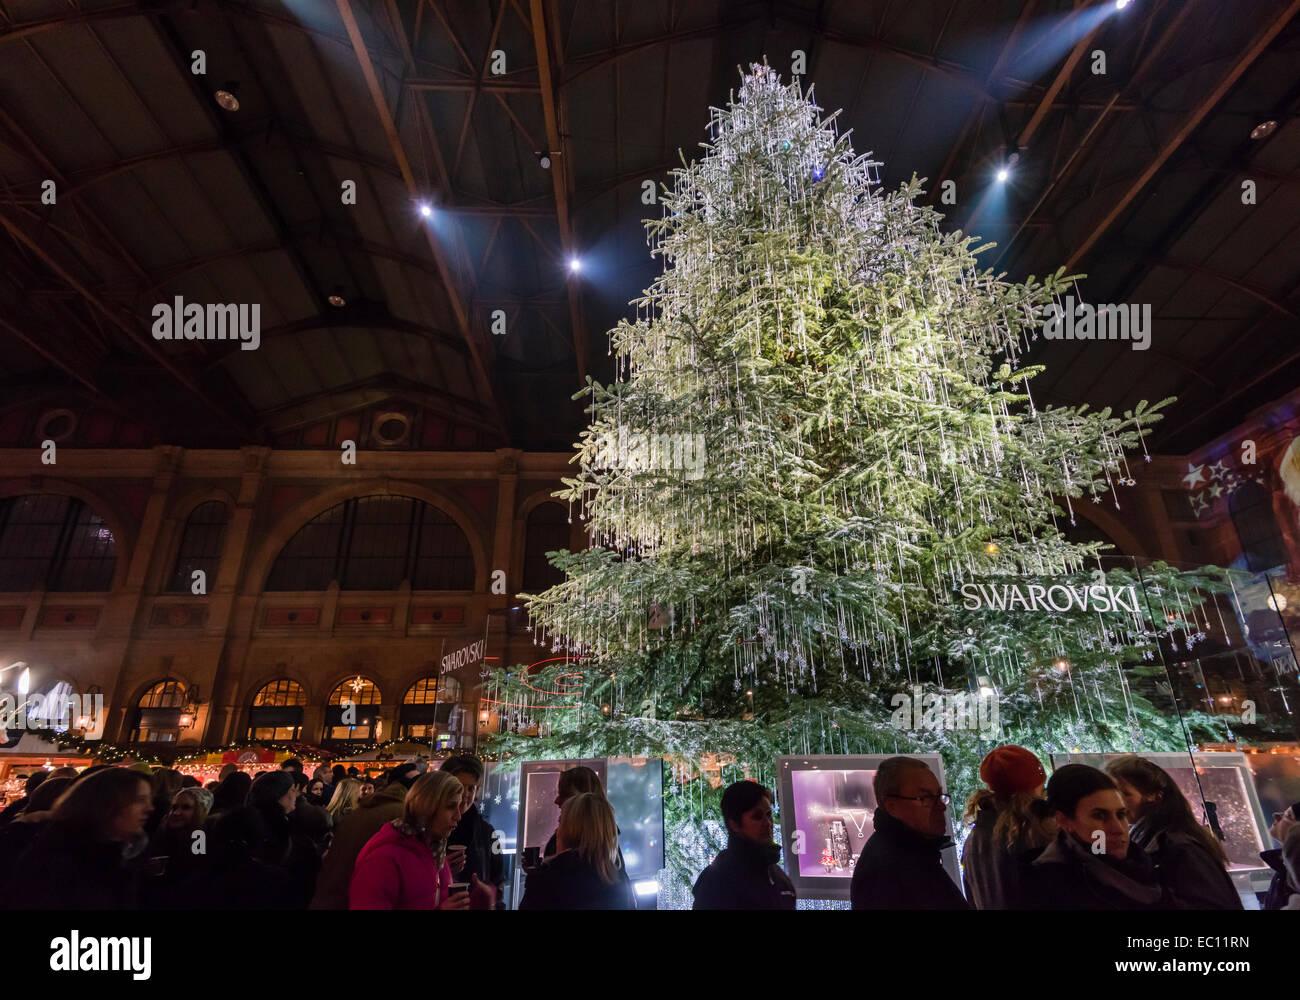 Albero Di Natale Zurigo.Un Gigantesco Albero Di Natale Drappeggiati Con Swarovski Gioielli Attrazione Principale Di Zurigo Mercatino Di Natale Dentro La Stazione Principale Di Zurigo Foto Stock Alamy